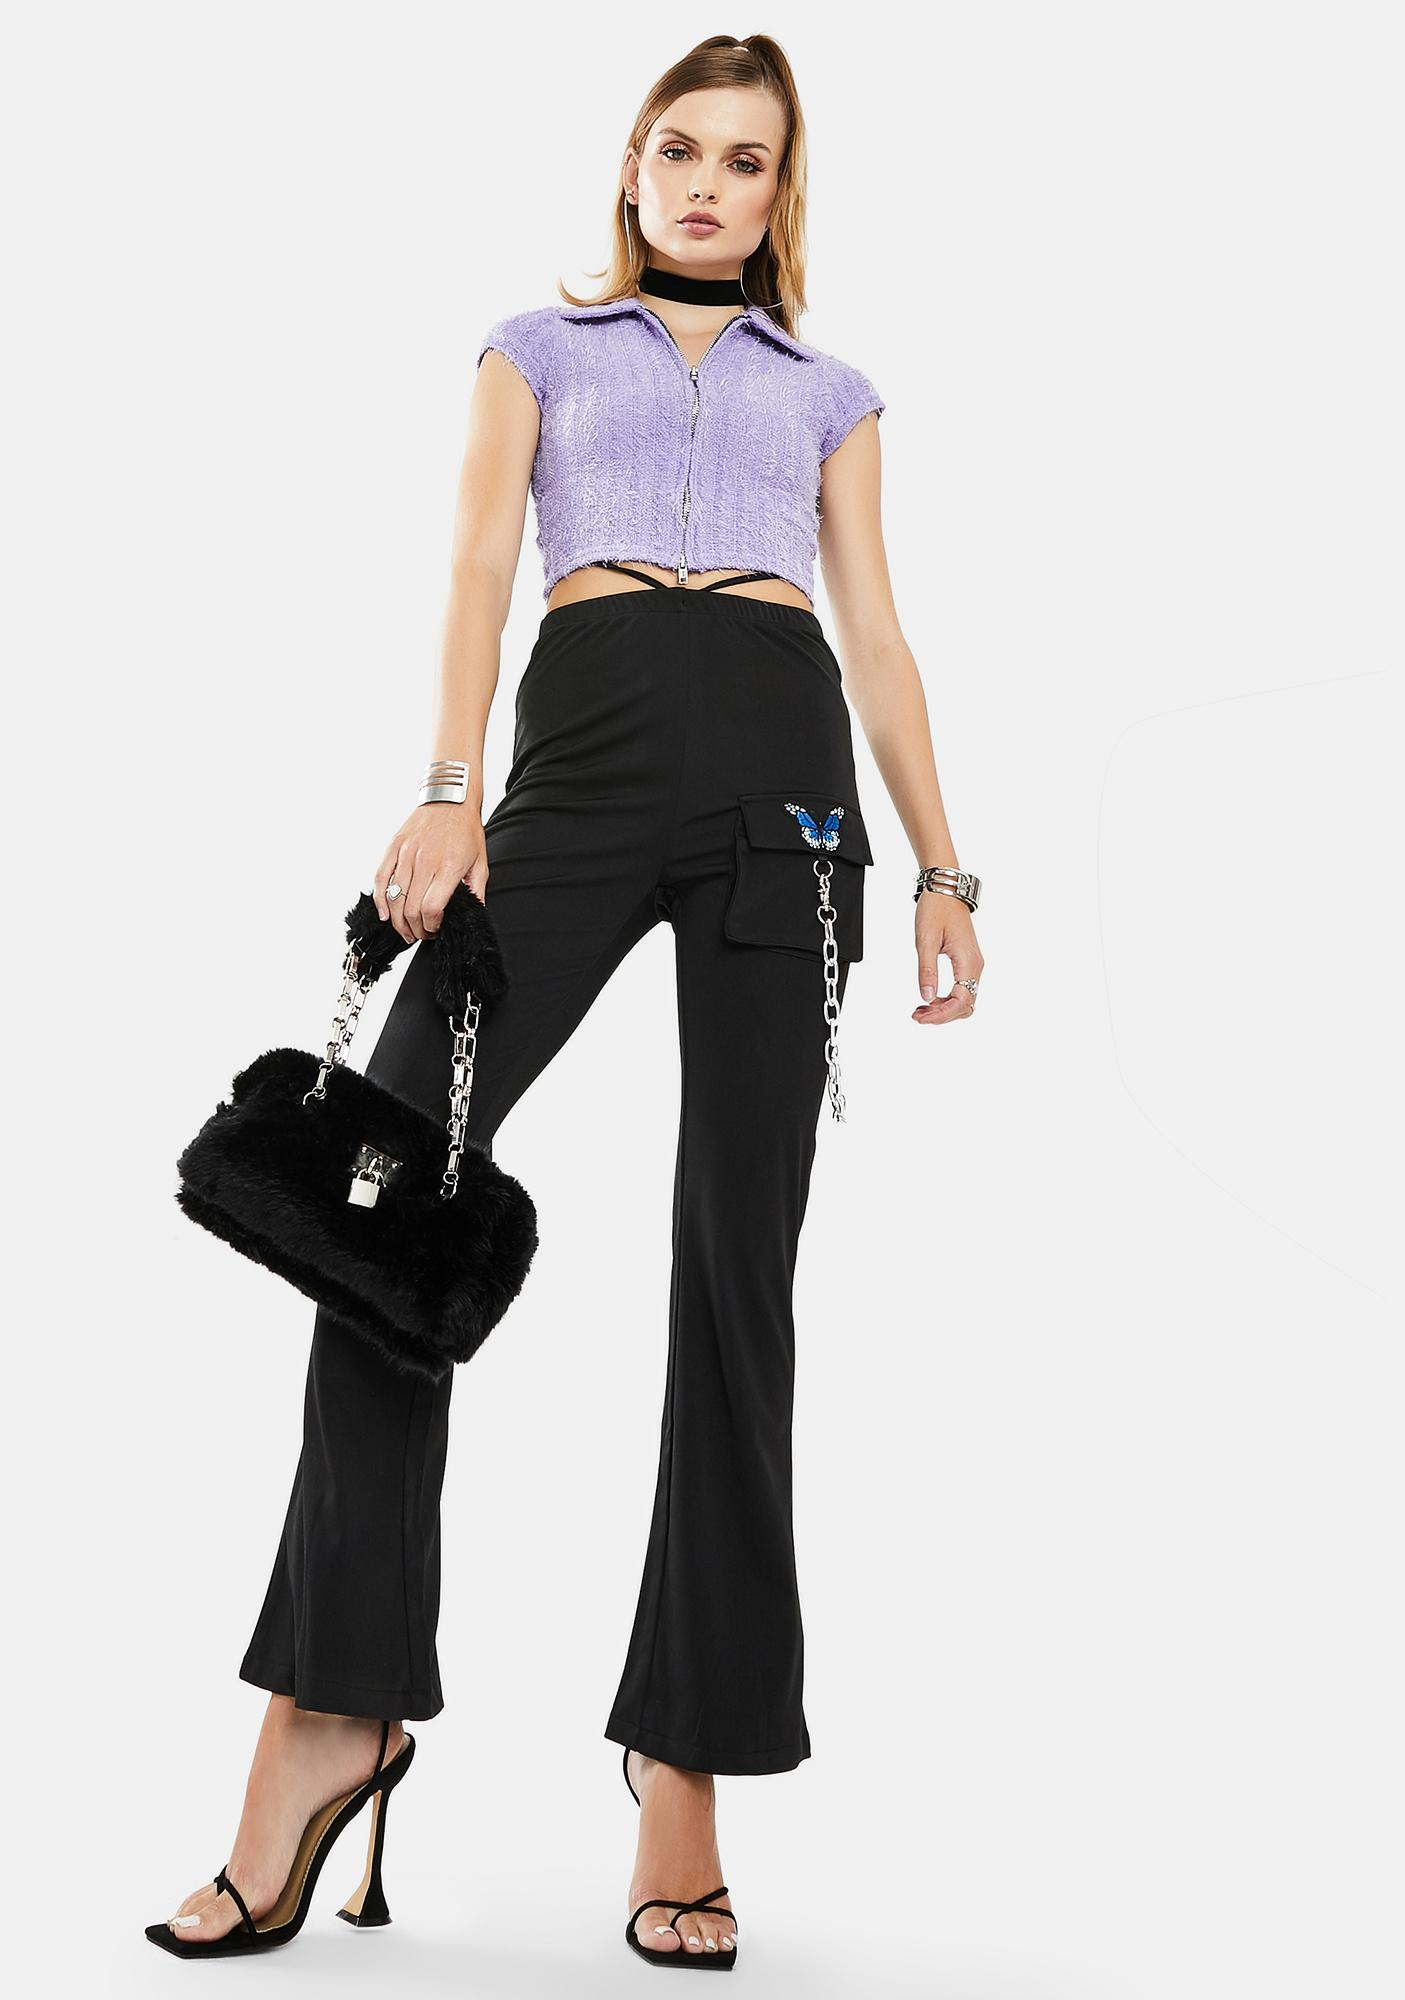 ZEMETA Butterfly Chain High Waist Pants